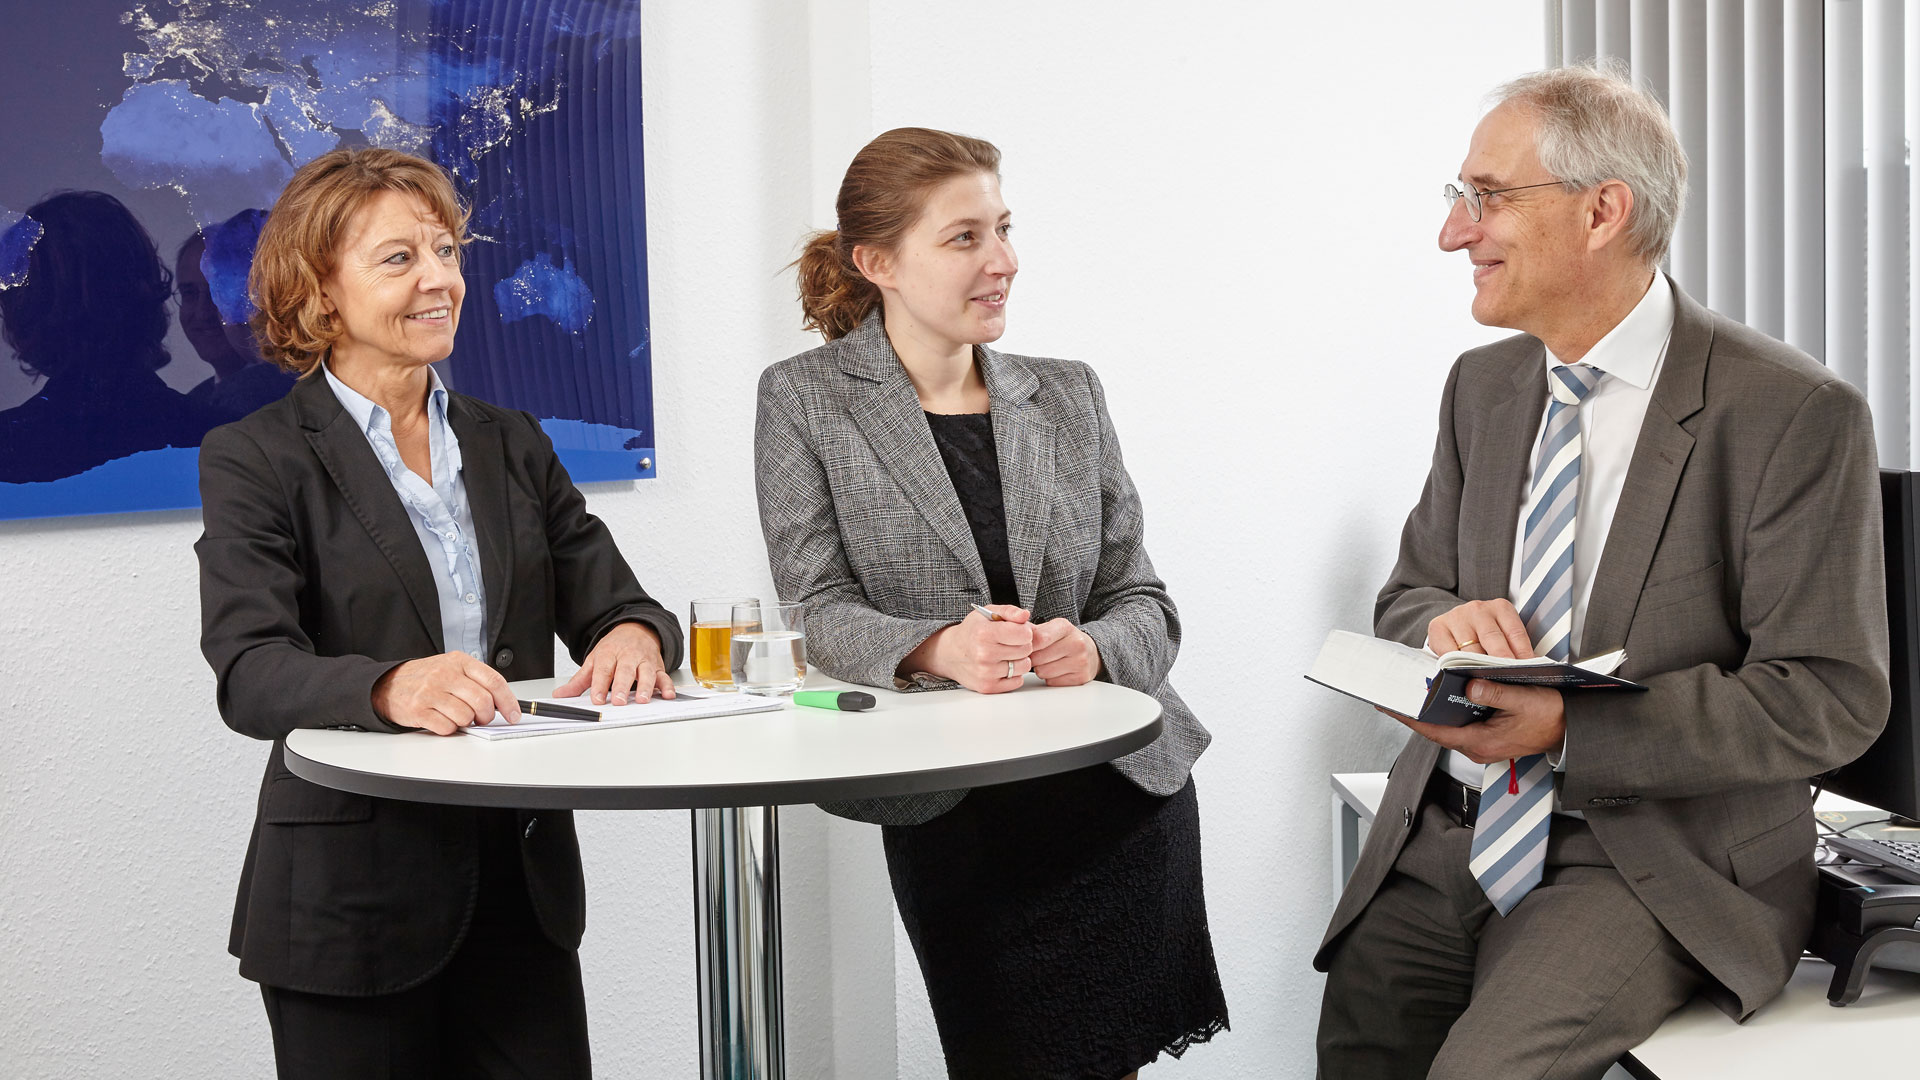 Die drei Partner: Brigitte Müller, Simone Prinz und Herbert Prinz stehen an einem Stehtisch